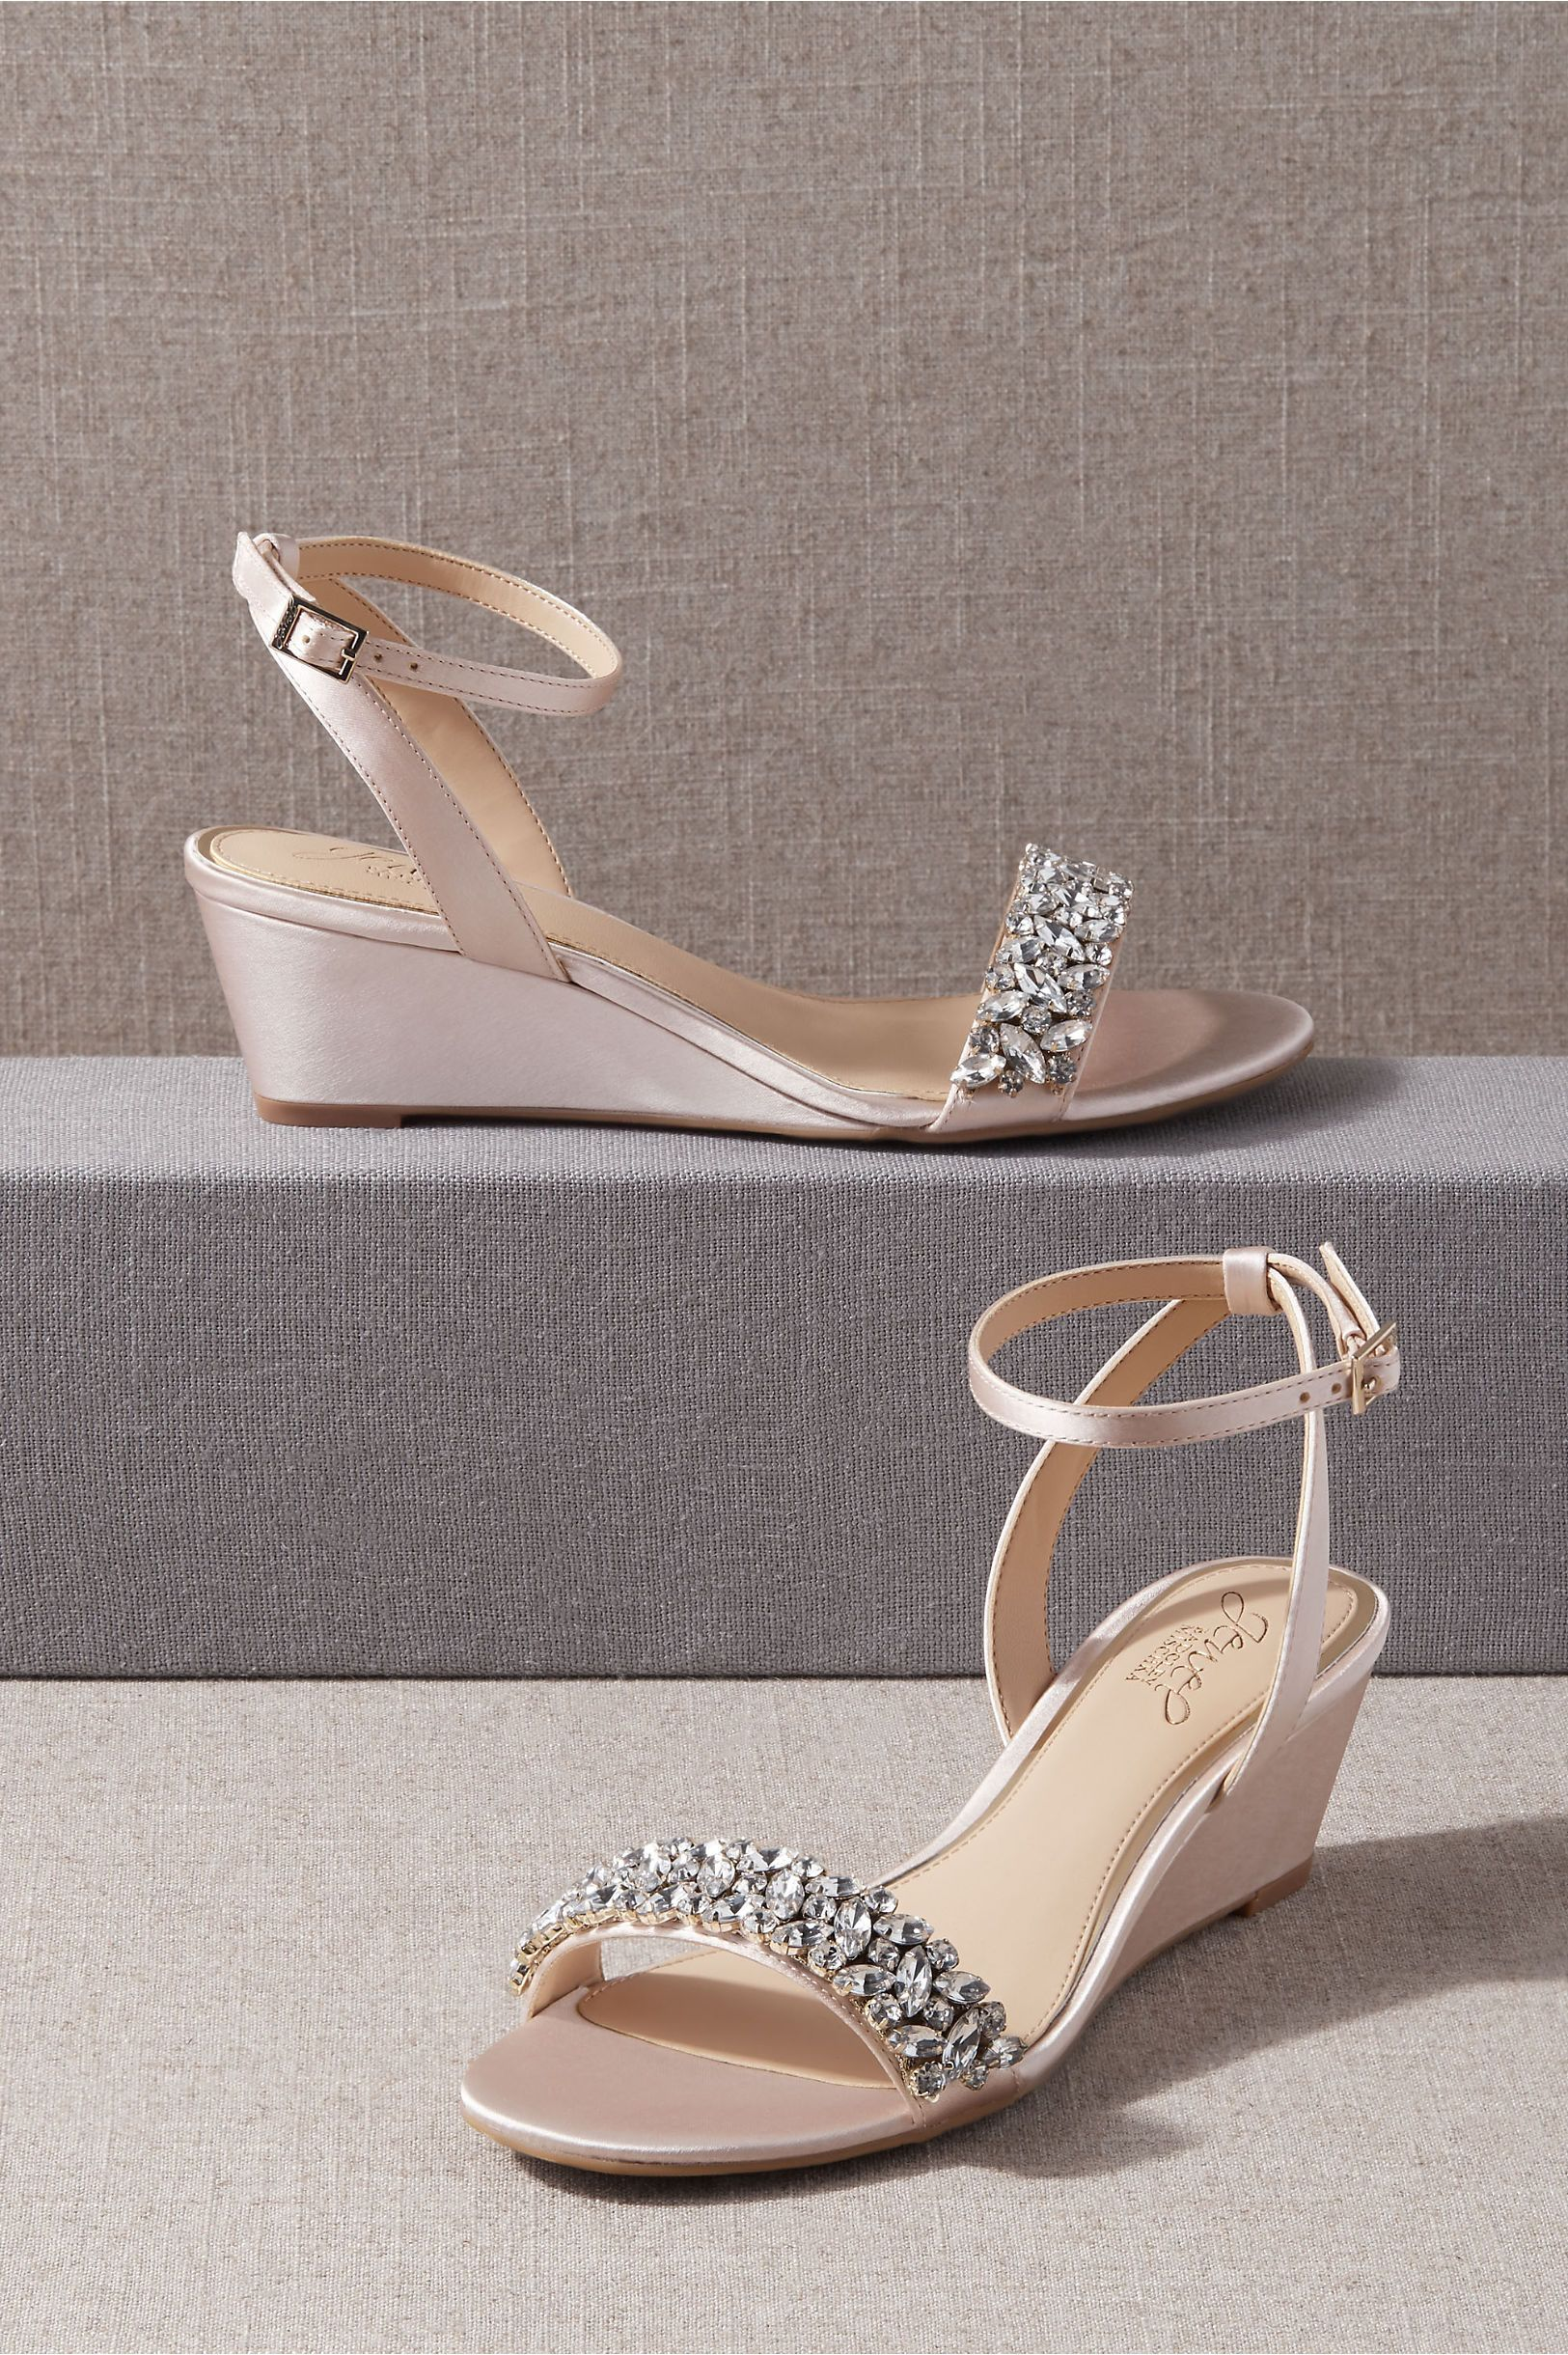 Jewel Badgley Mischka Bertie Wedges In 2021 Wedding Shoes Heels Badgley Mischka Shoes Wedding Wedding Shoes Low Heel